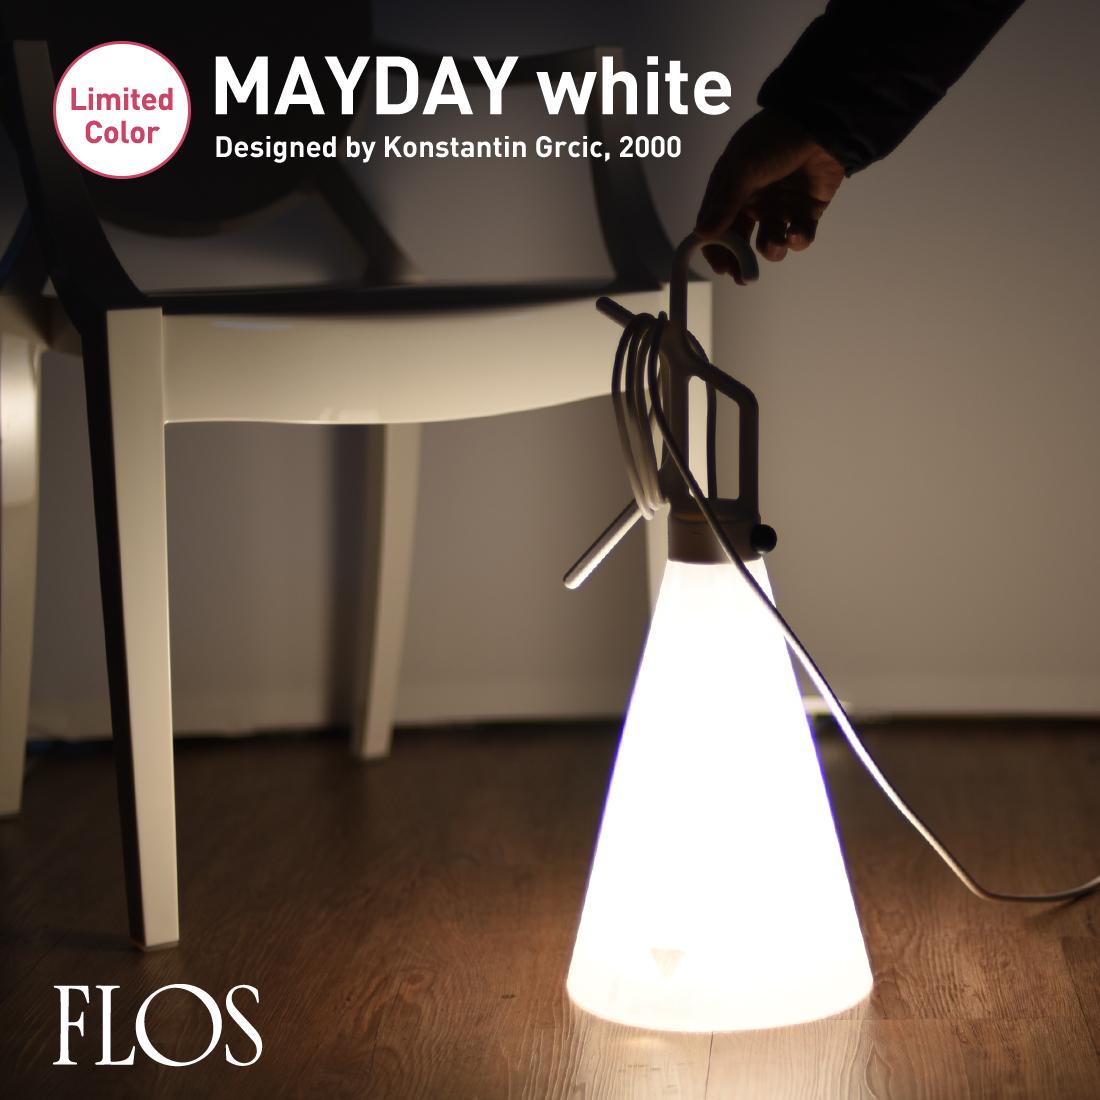 【FLOS フロス】 May day メイデイ ランプ ホワイト Konstantin Grcic コンスタンティン・グルチッチ ライト 照明 デザイナーズ スタンド ペンダント テーブル メーデー